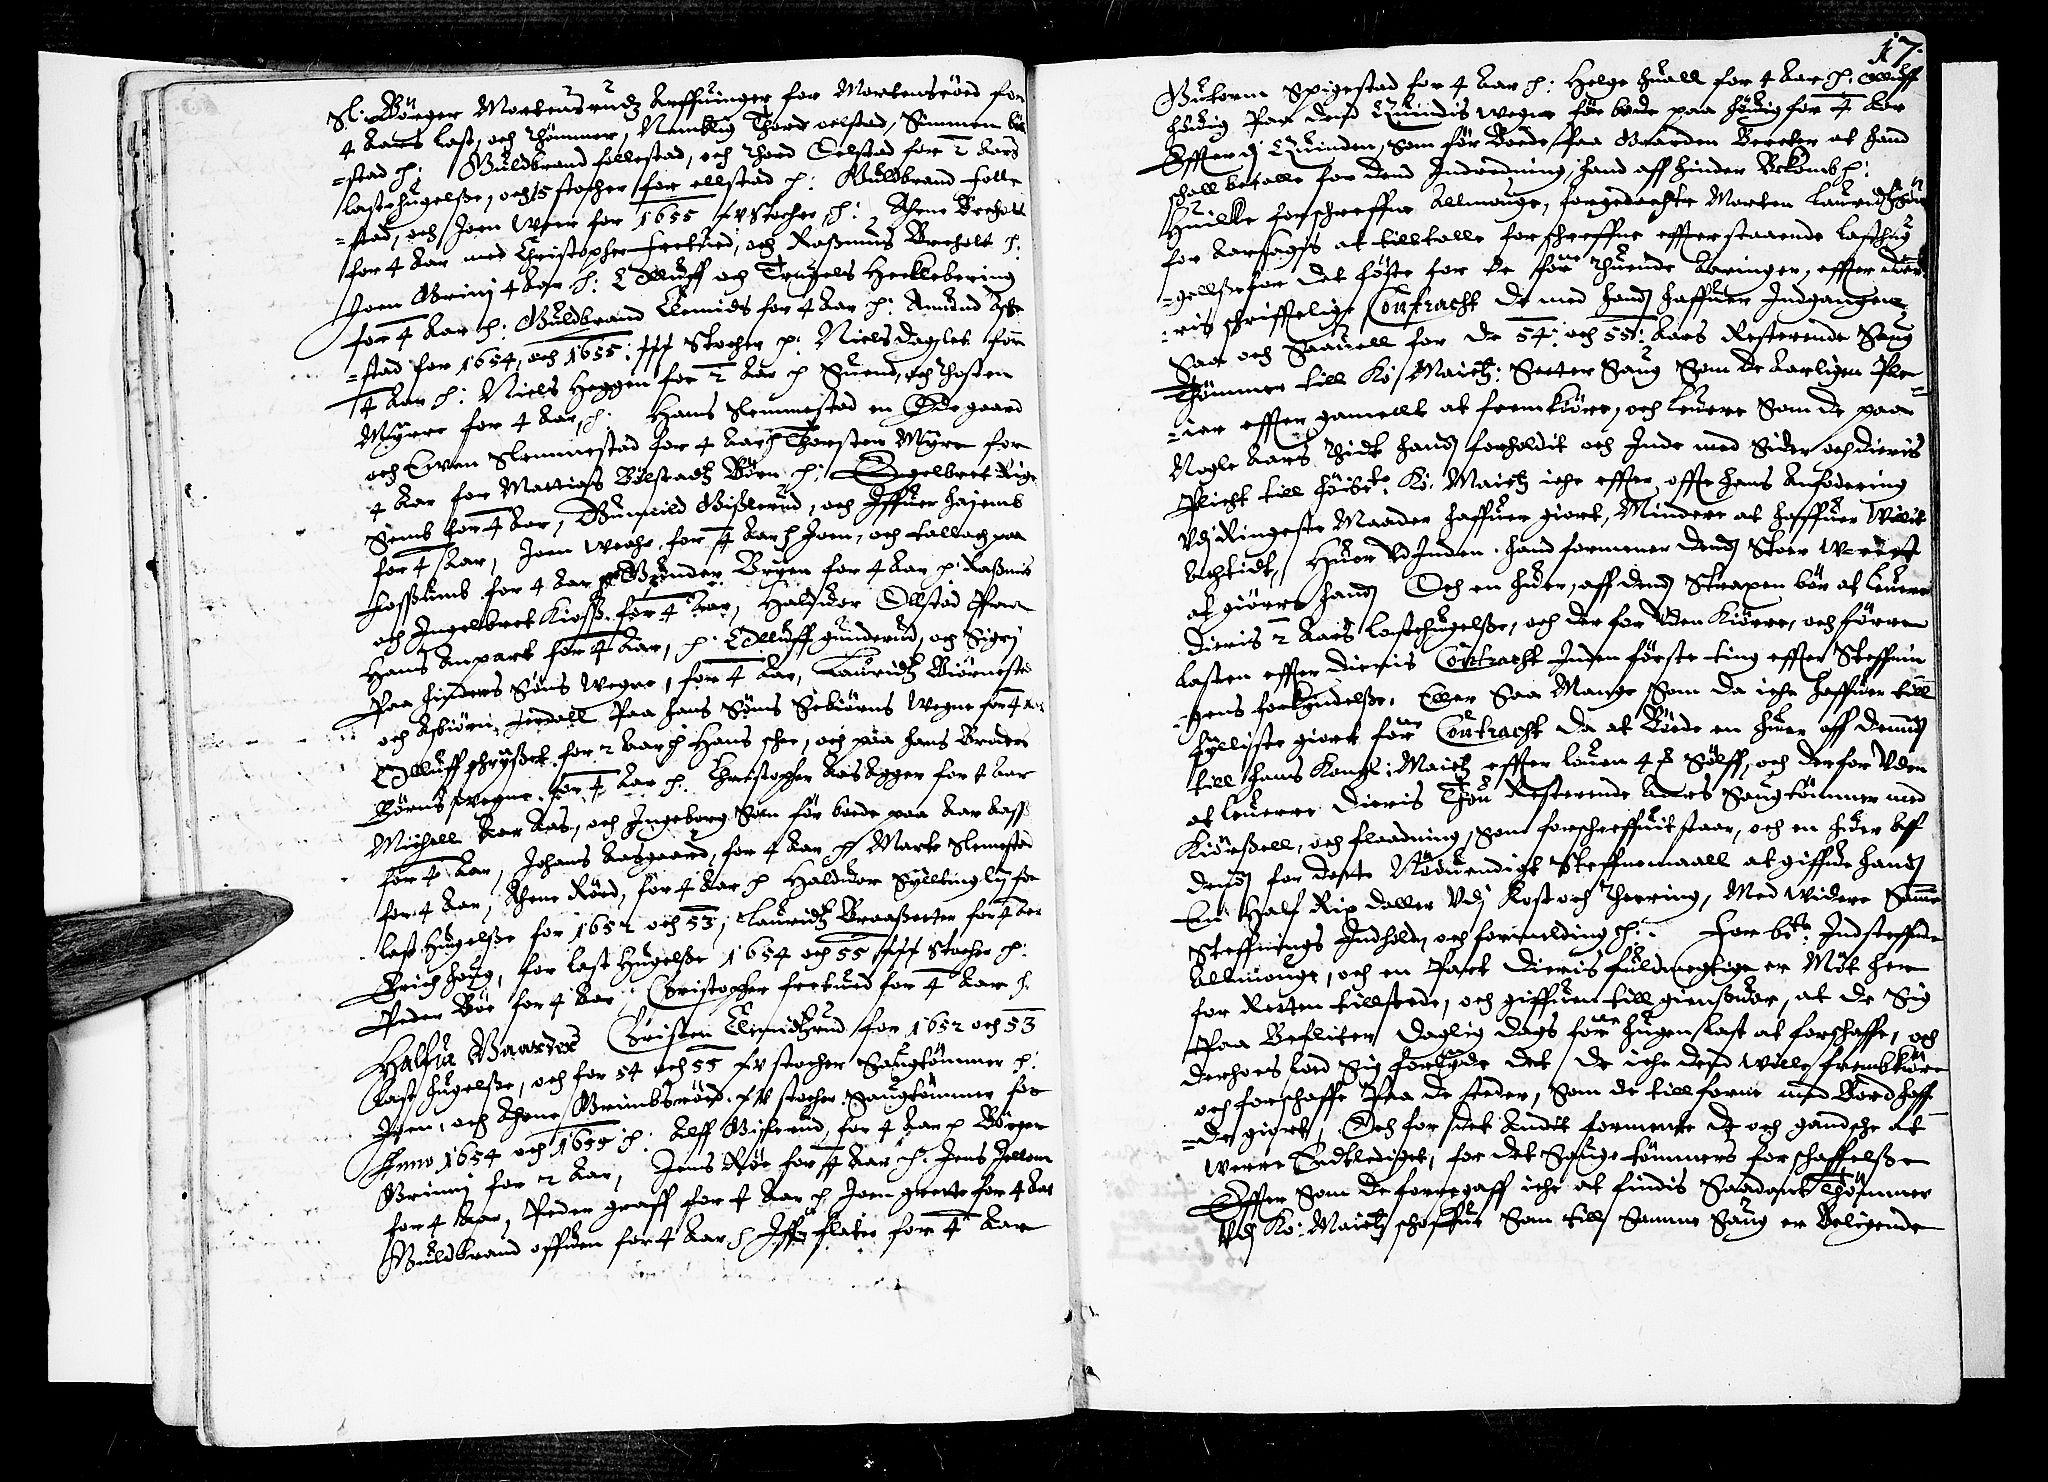 SAKO, Lier, Røyken og Hurum sorenskriveri, F/Fa/L0001: Tingbok, 1655-1658, s. 17